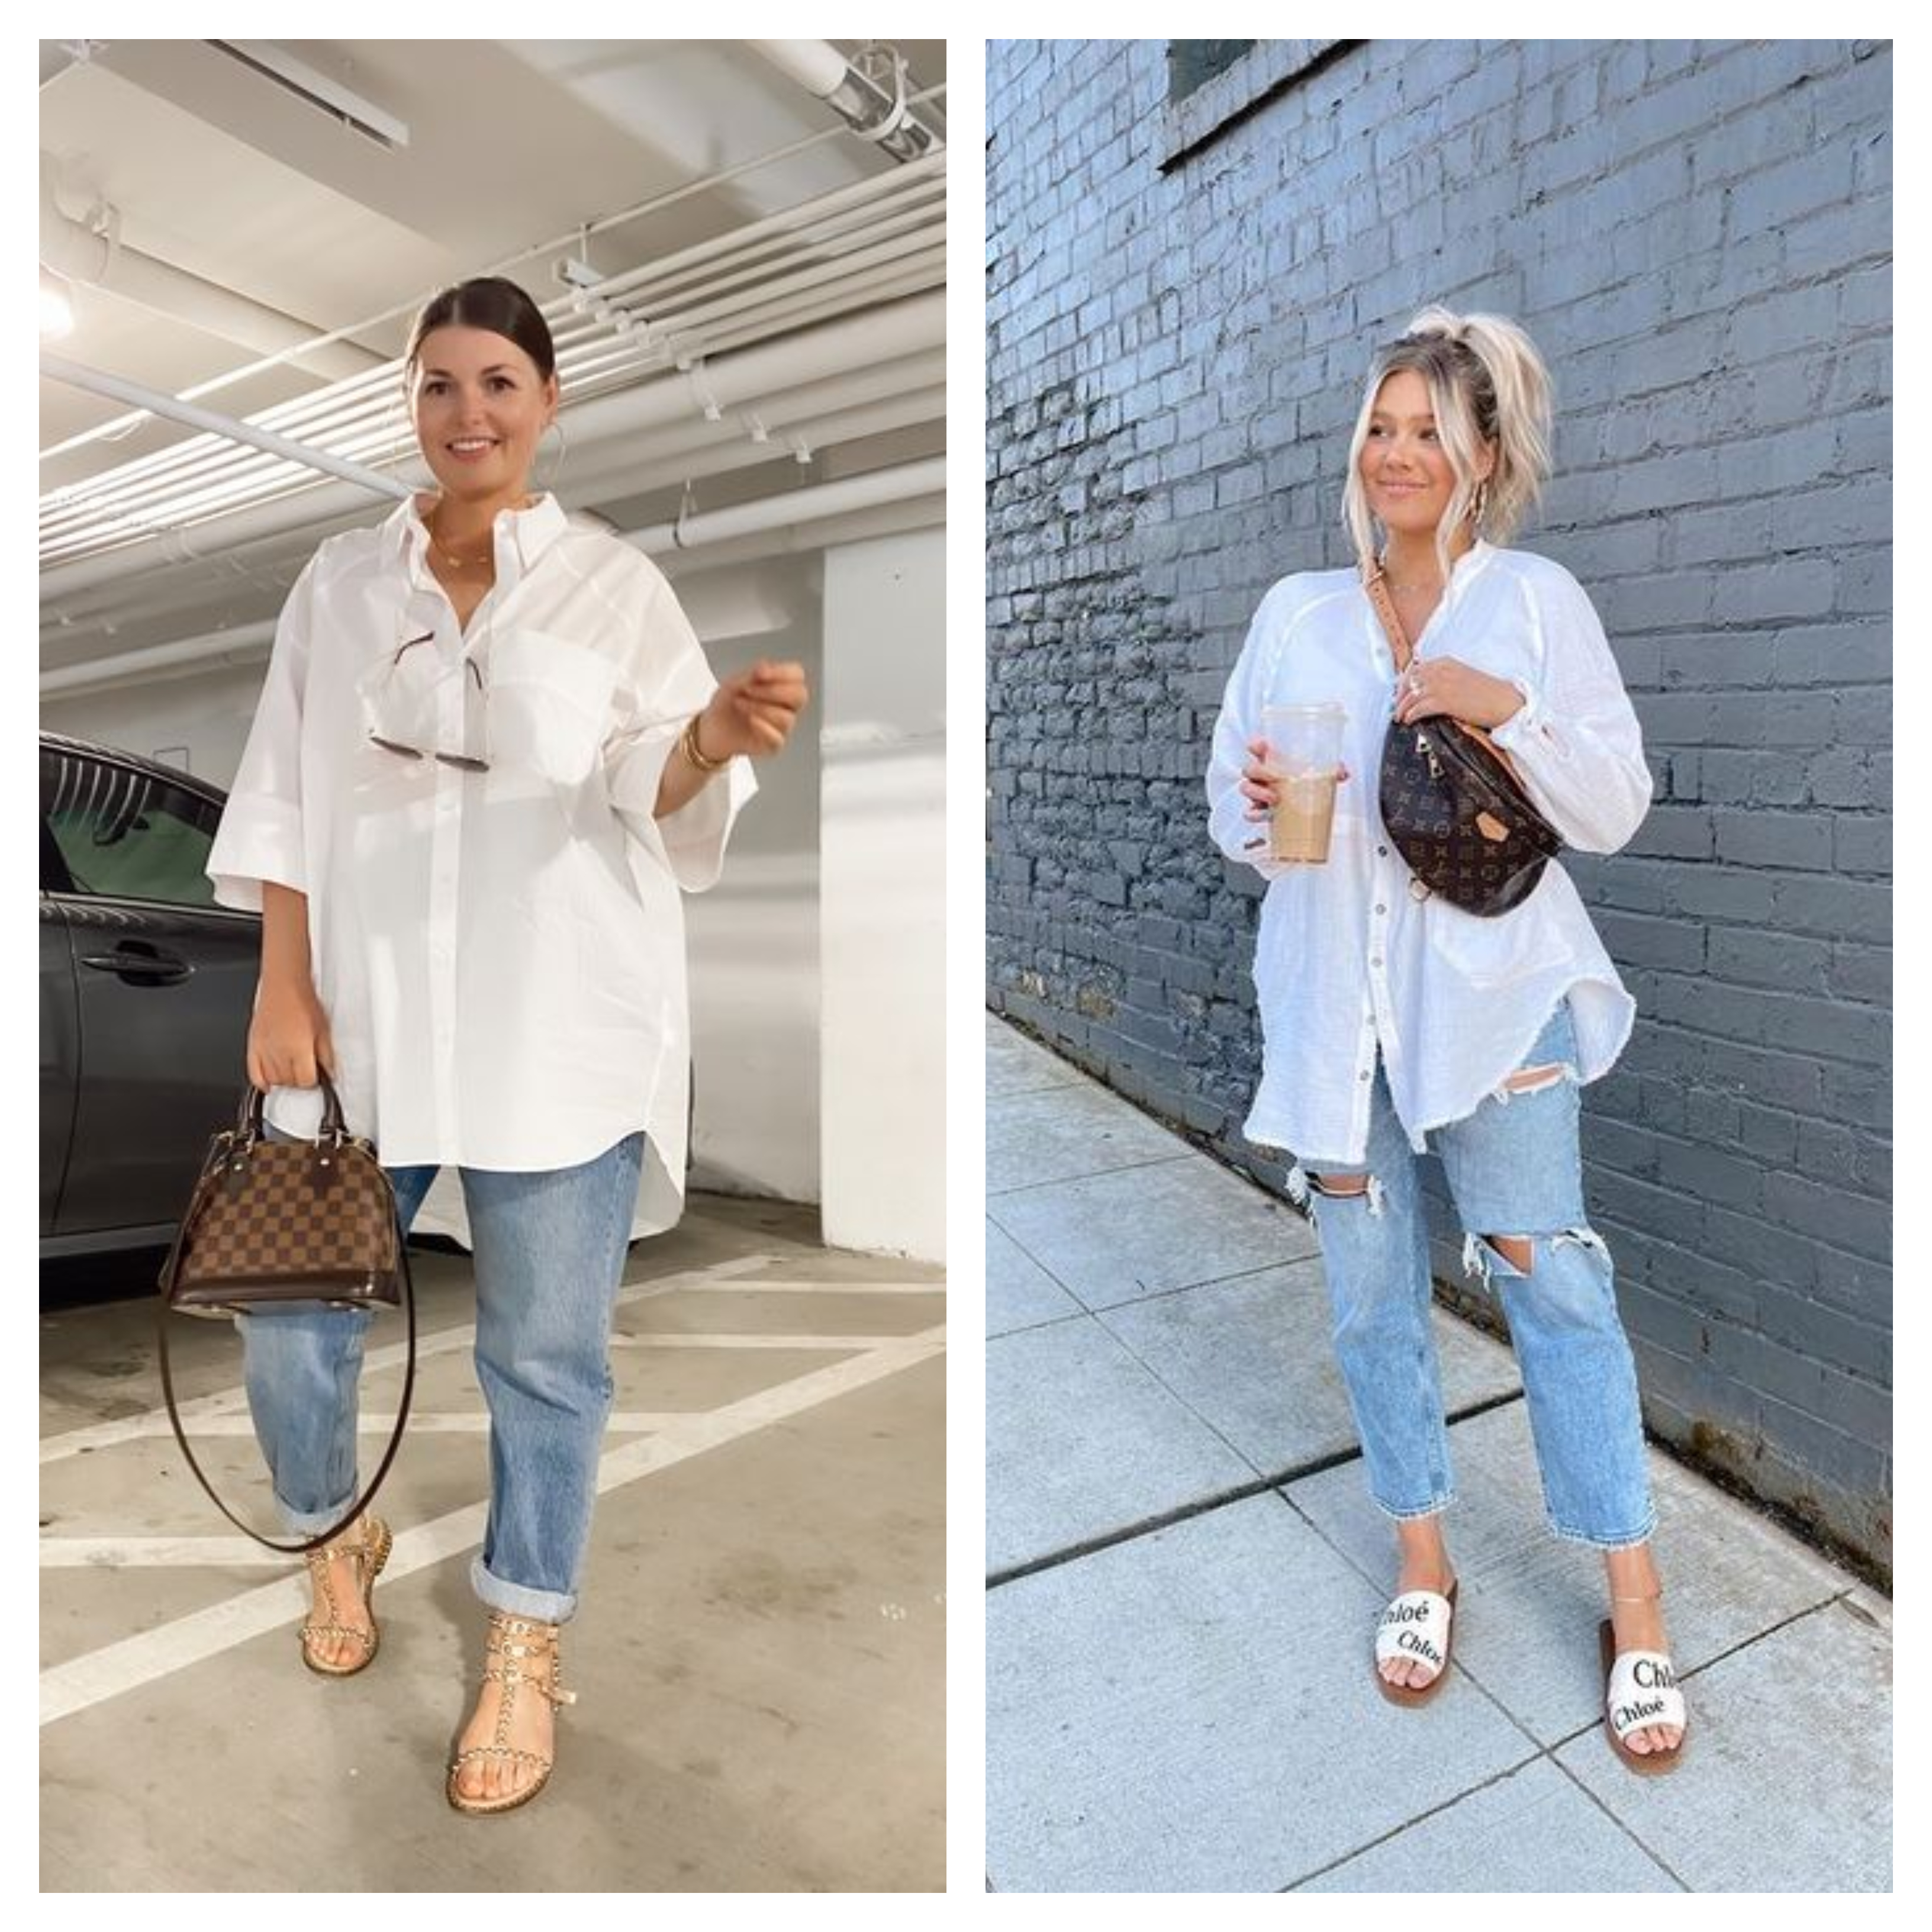 لصاحبات جسم التفاحة: طرق ارتداء وتنسيق القميص الأبيض بأناقة